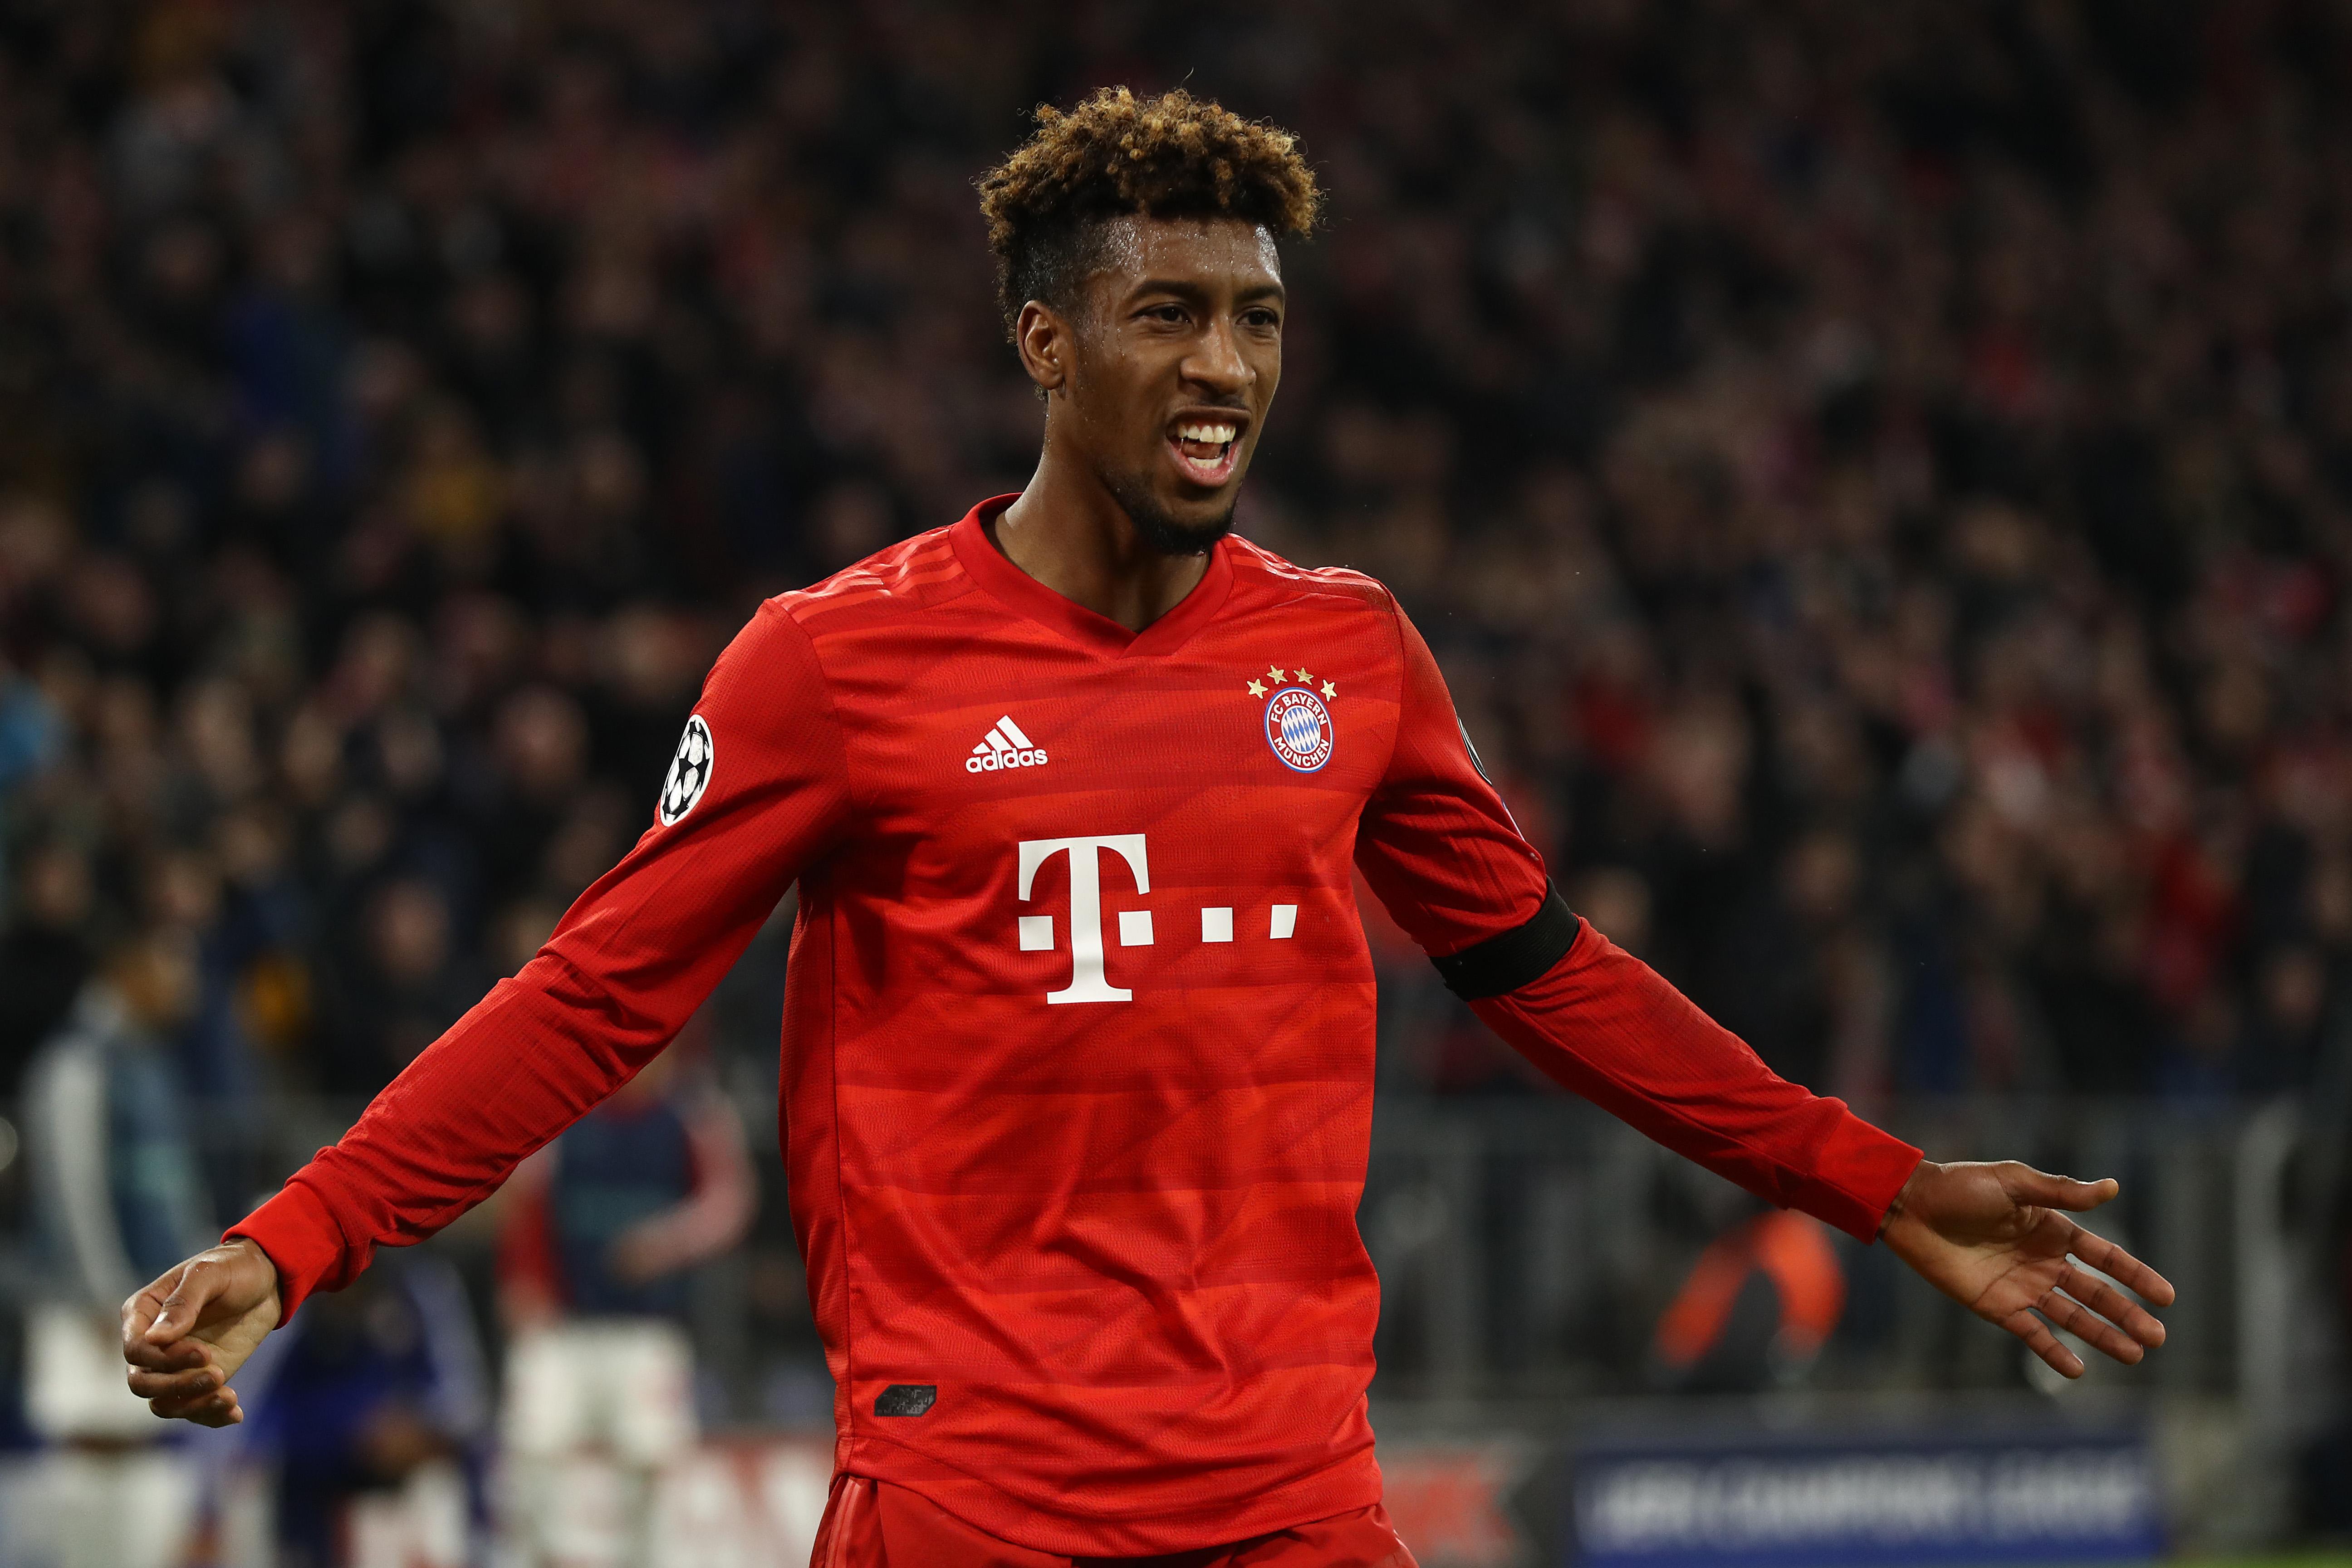 Bayern Munich - Nouvelle blessure pour Kingsley Coman, décidément maudit